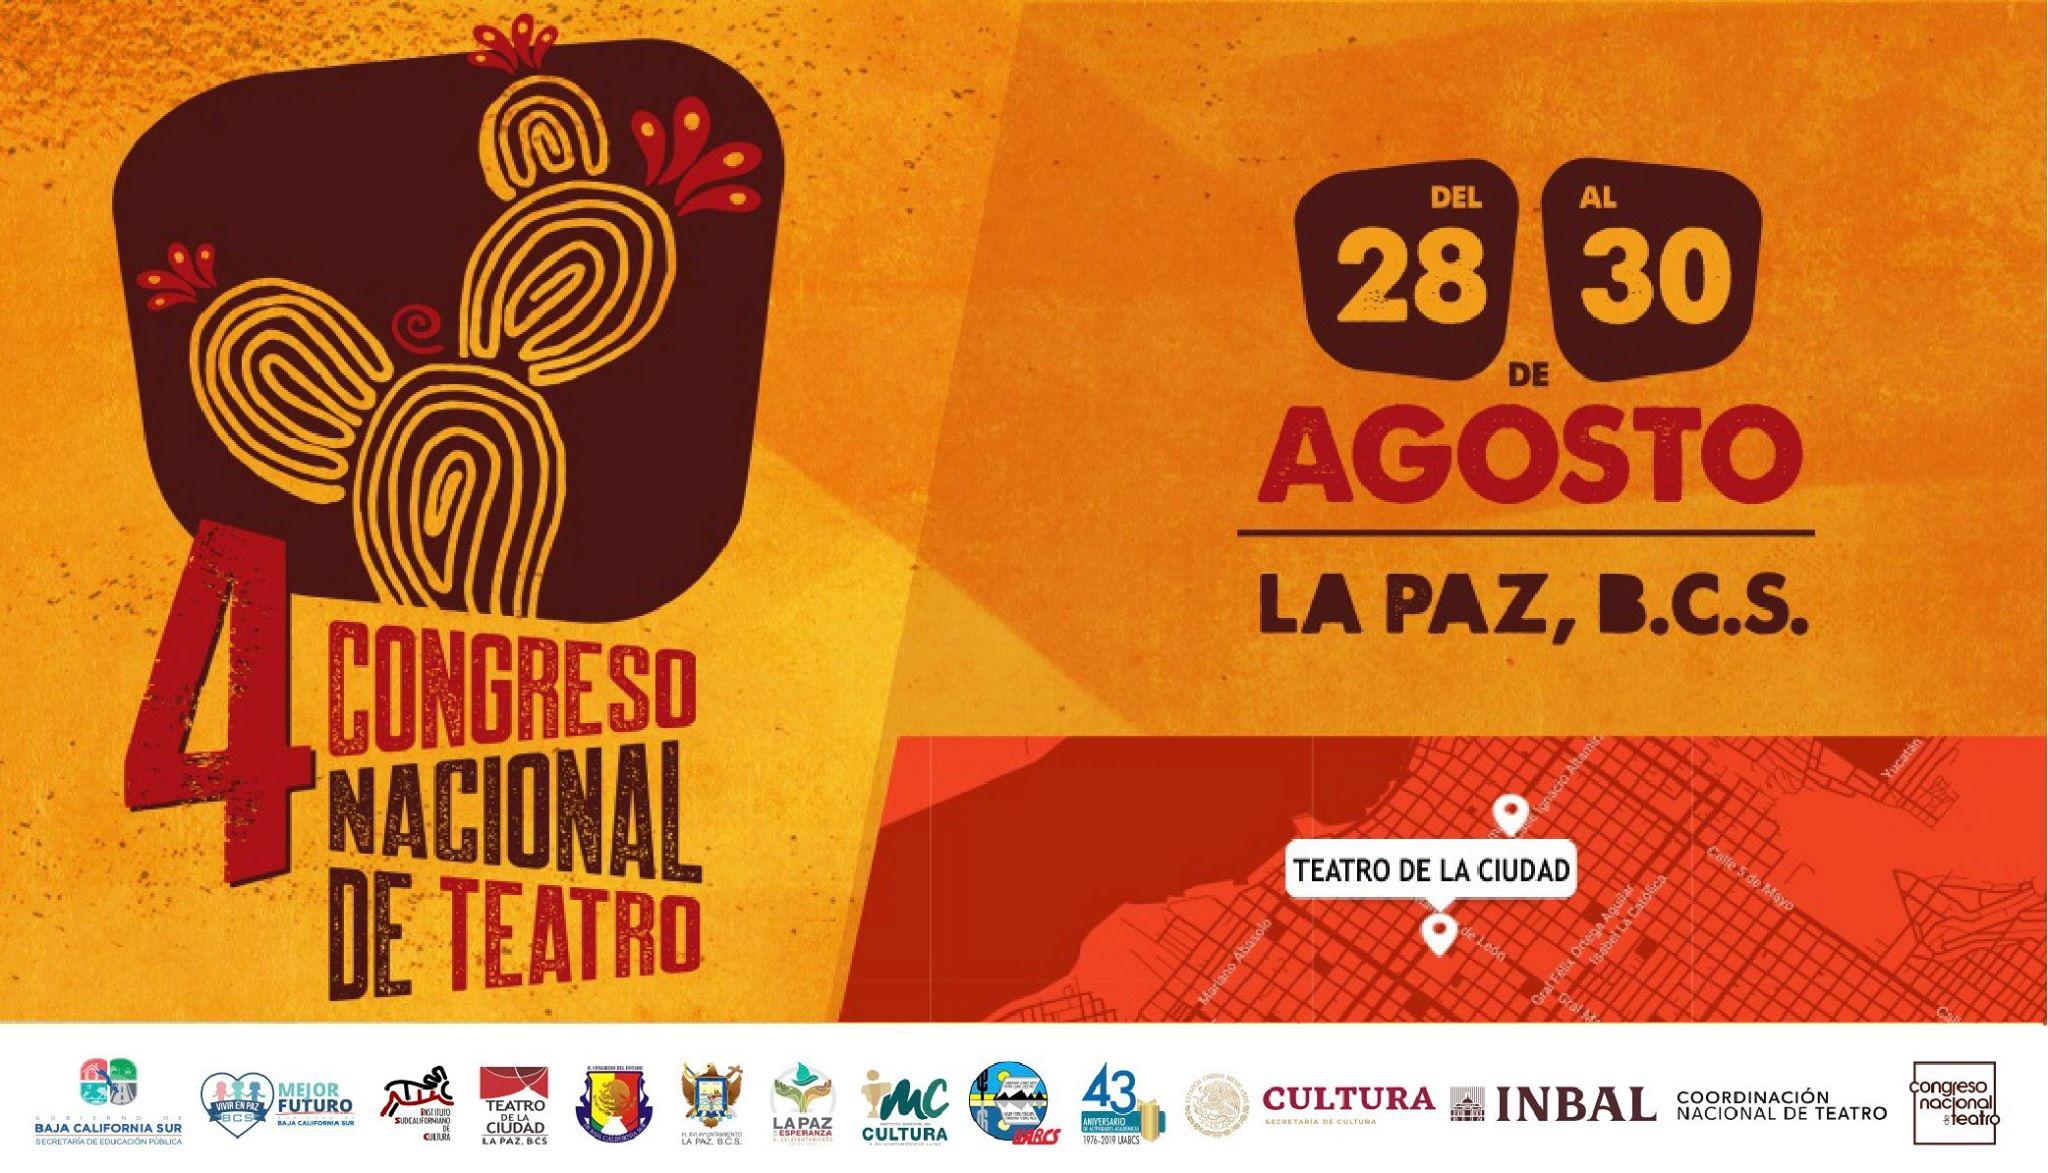 Reúne el Cuarto Congreso Nacional de Teatro en Baja California Sur a exponentes y creadores escénicos